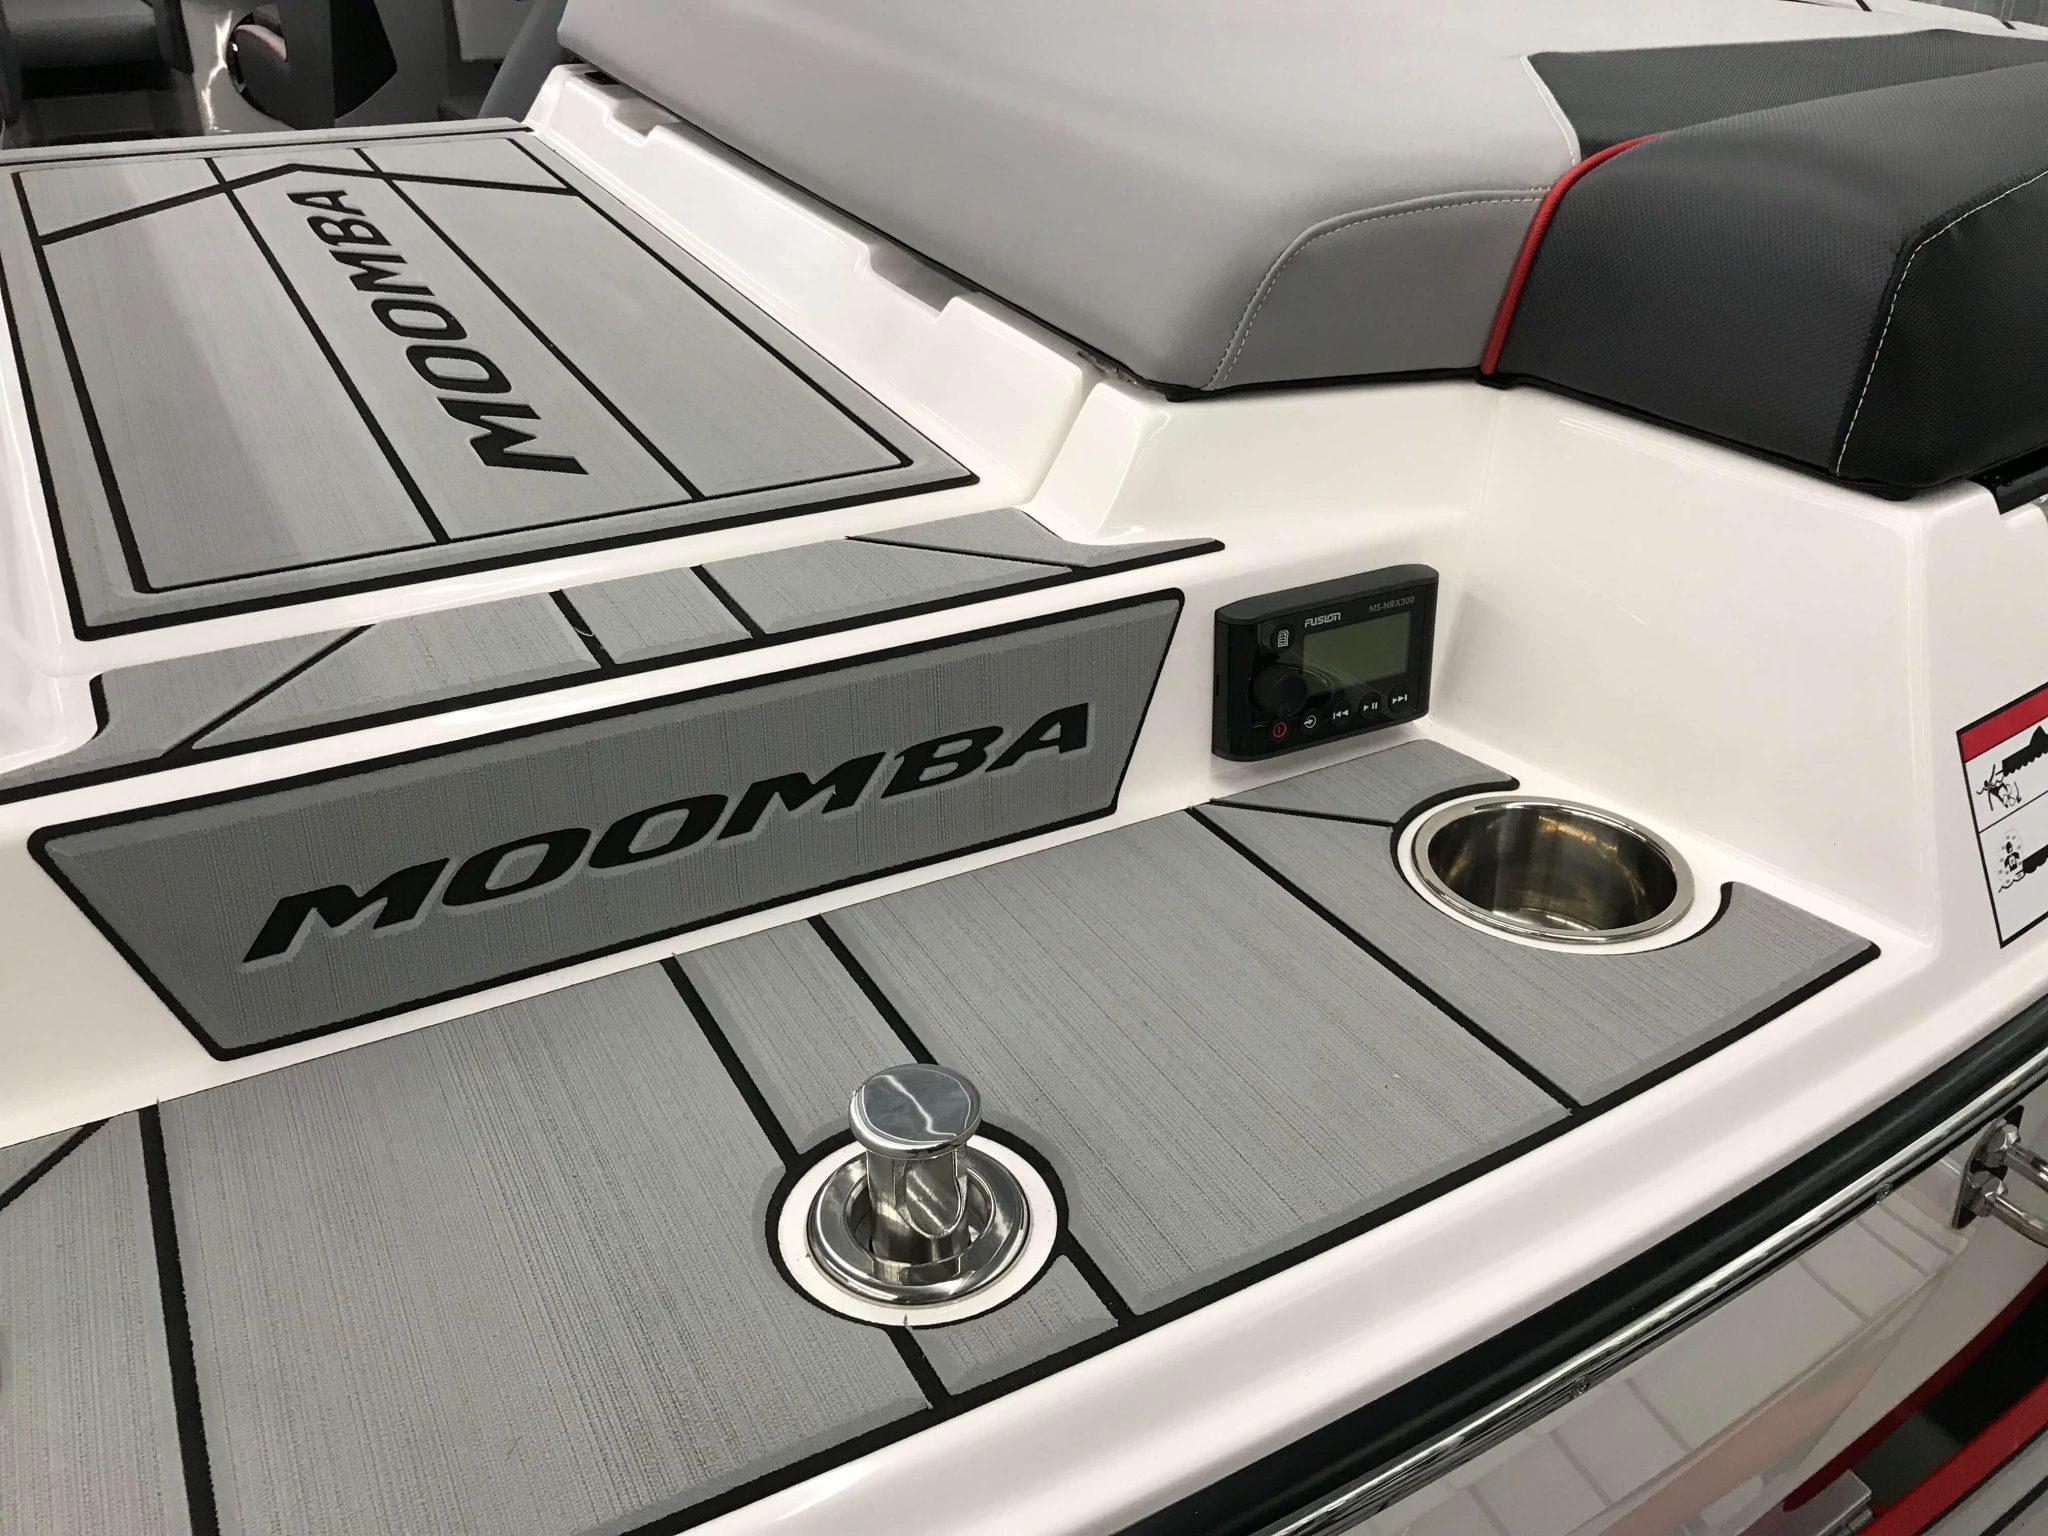 2019 Moomba Makai Ski Pylon Stereo Remote